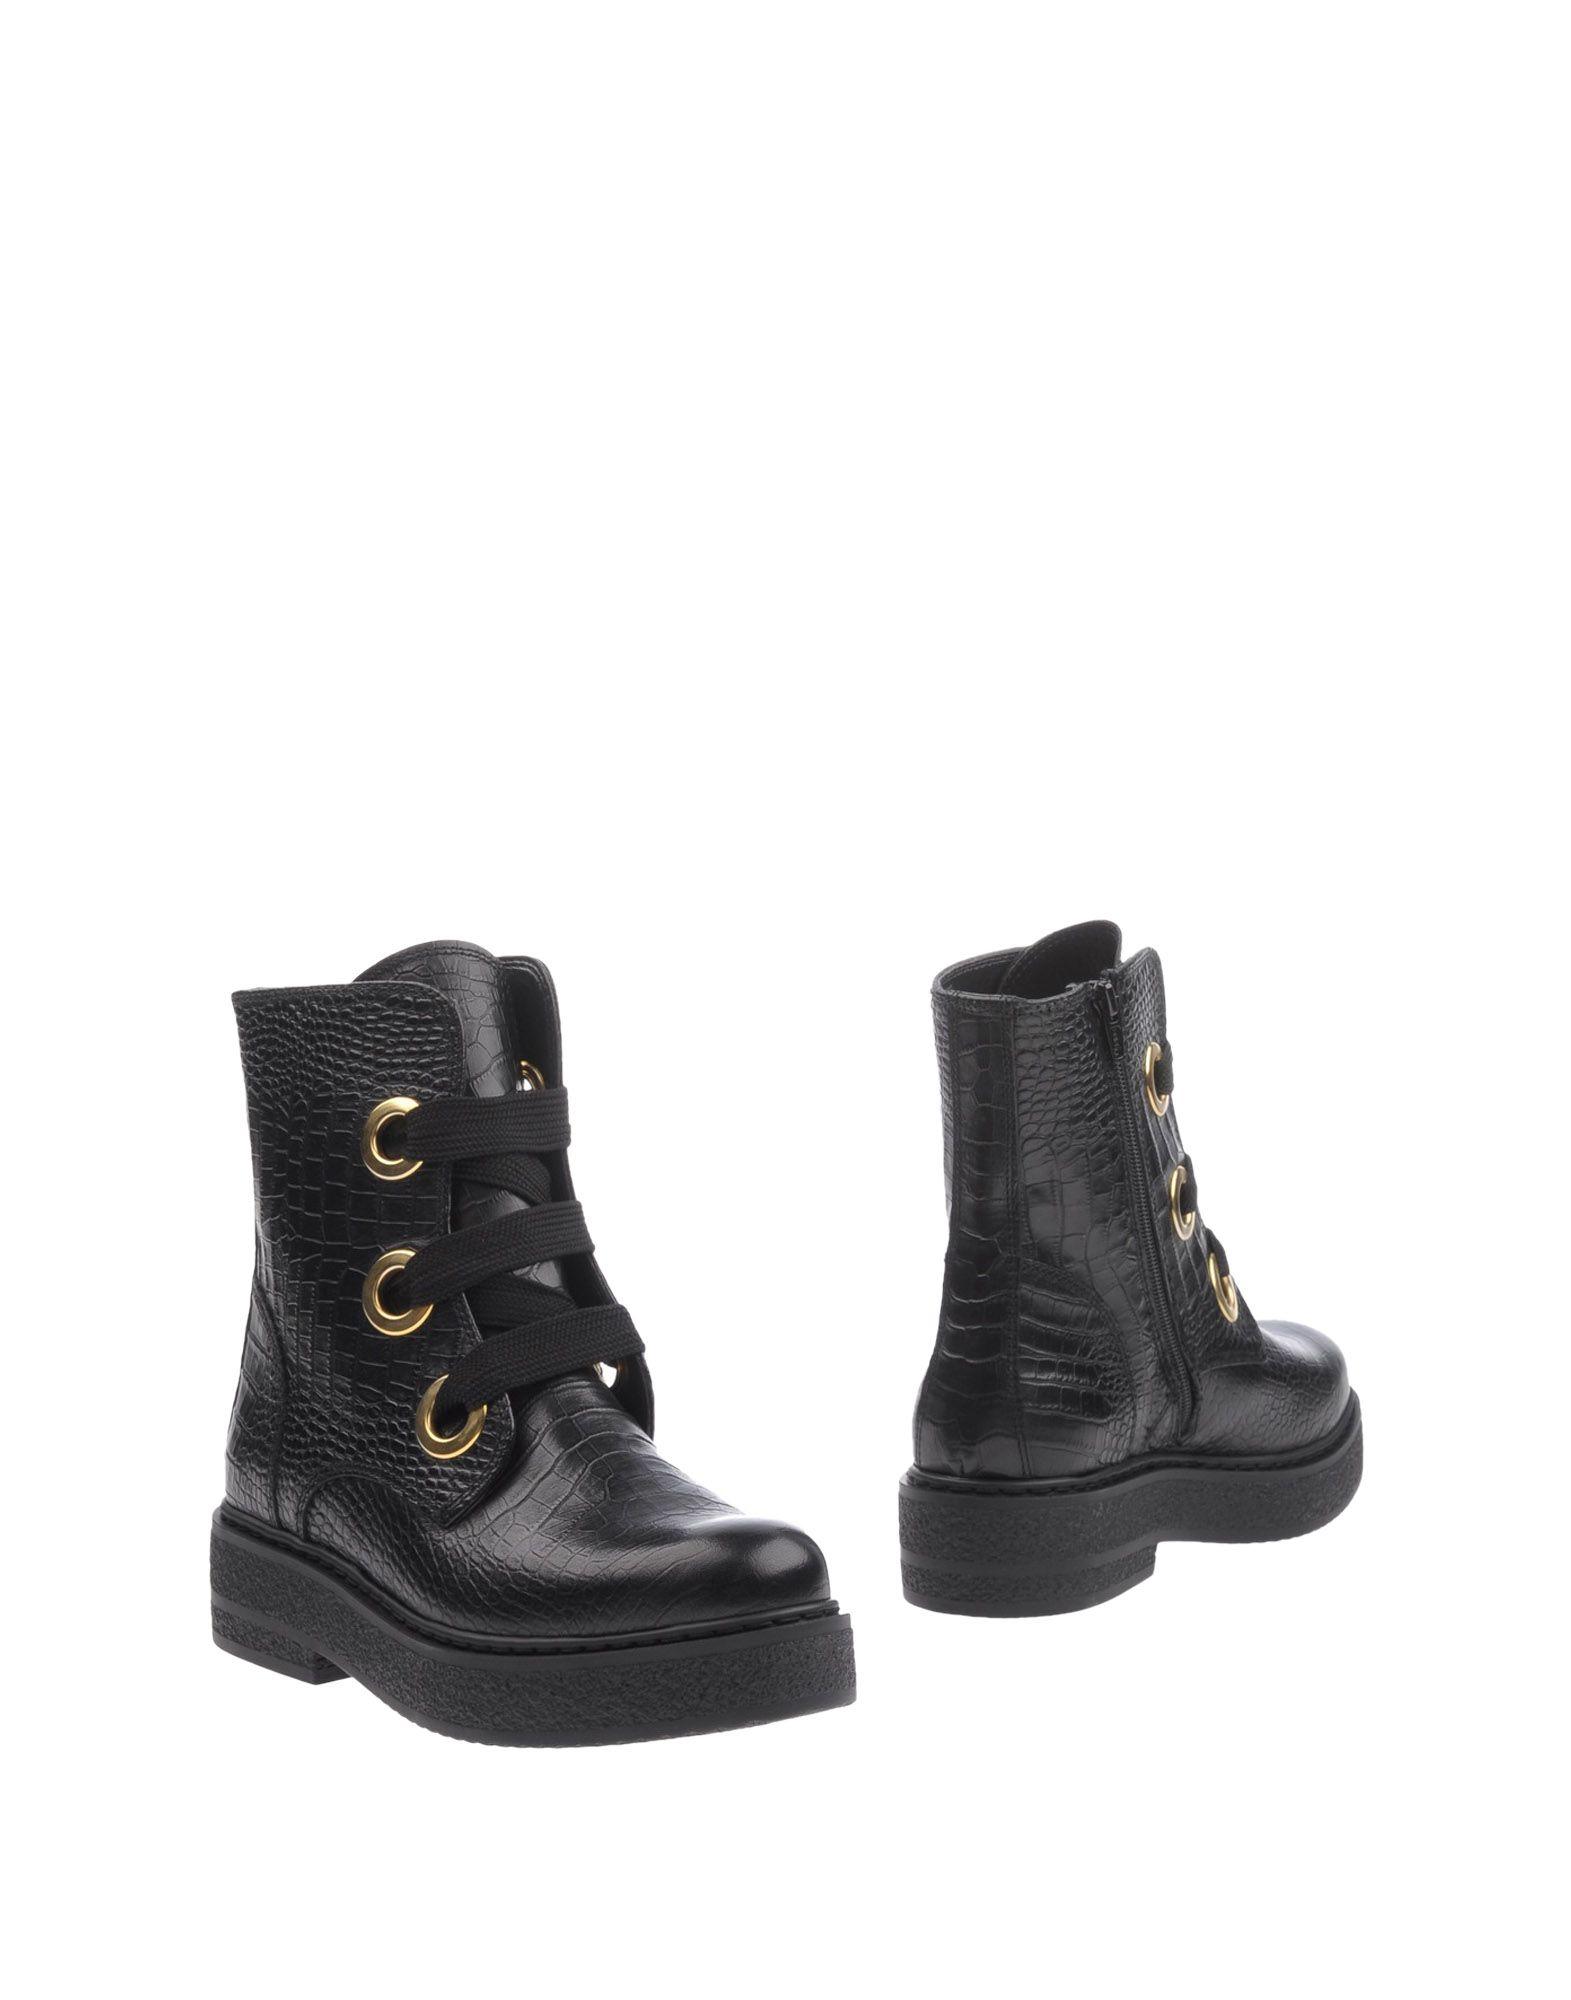 Cult Stiefelette Damen  11219026PA Gute Qualität beliebte Schuhe